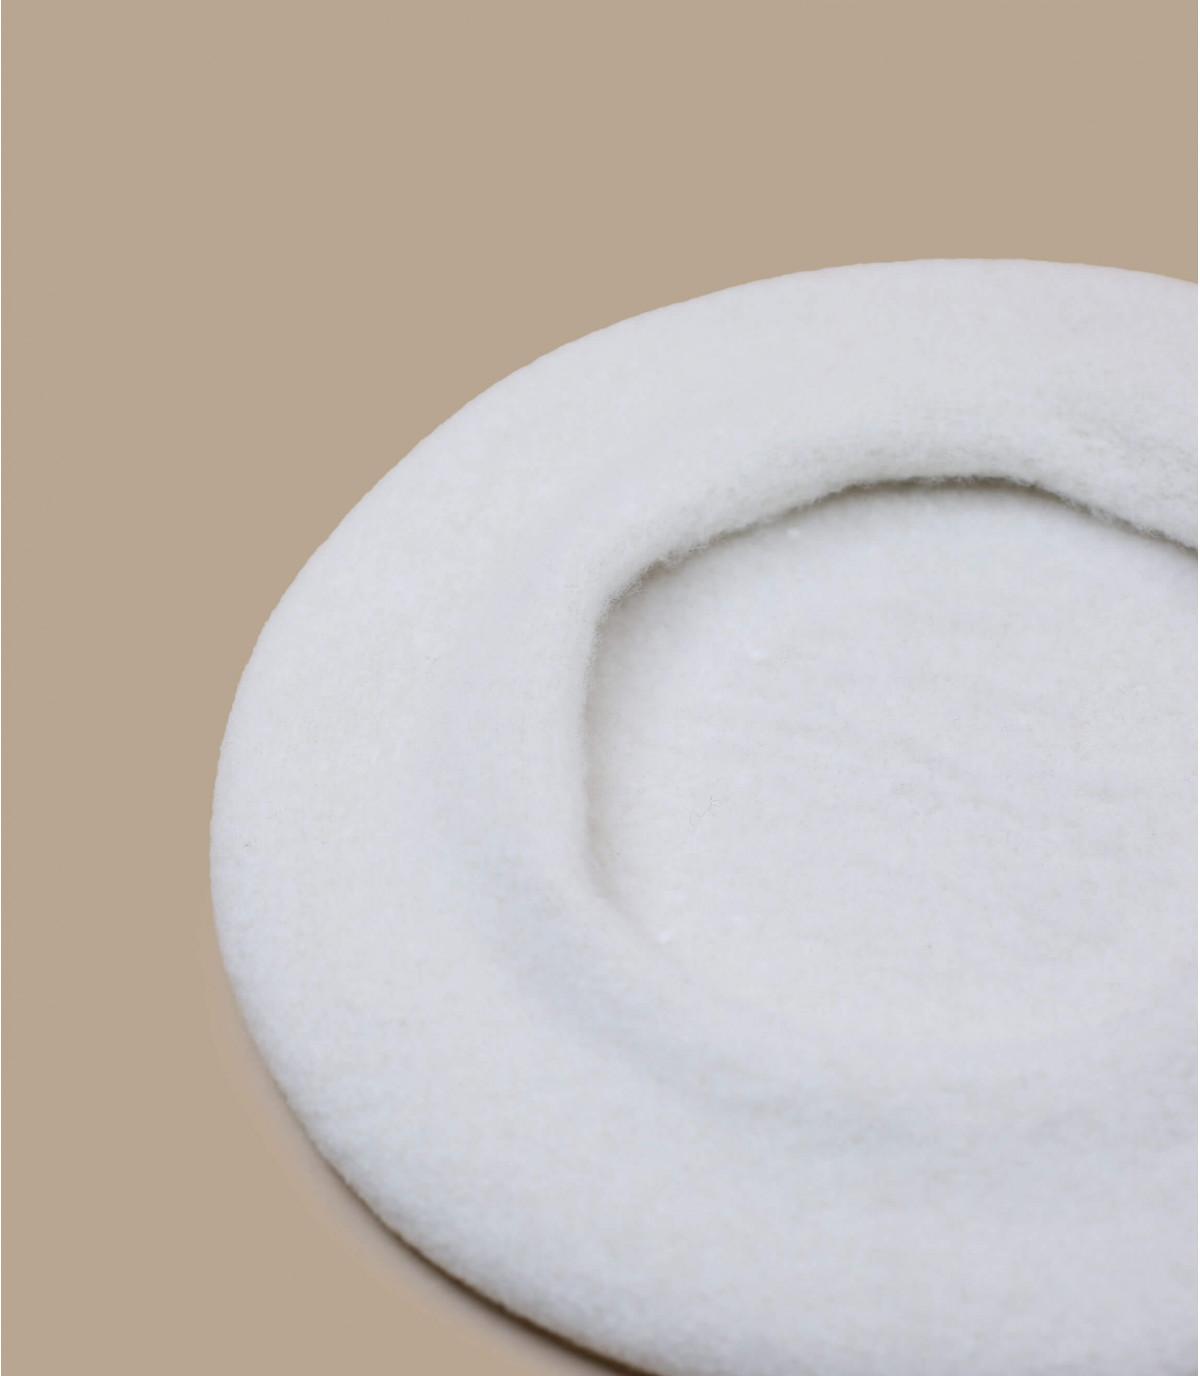 Baskenmütze weiß Wolle